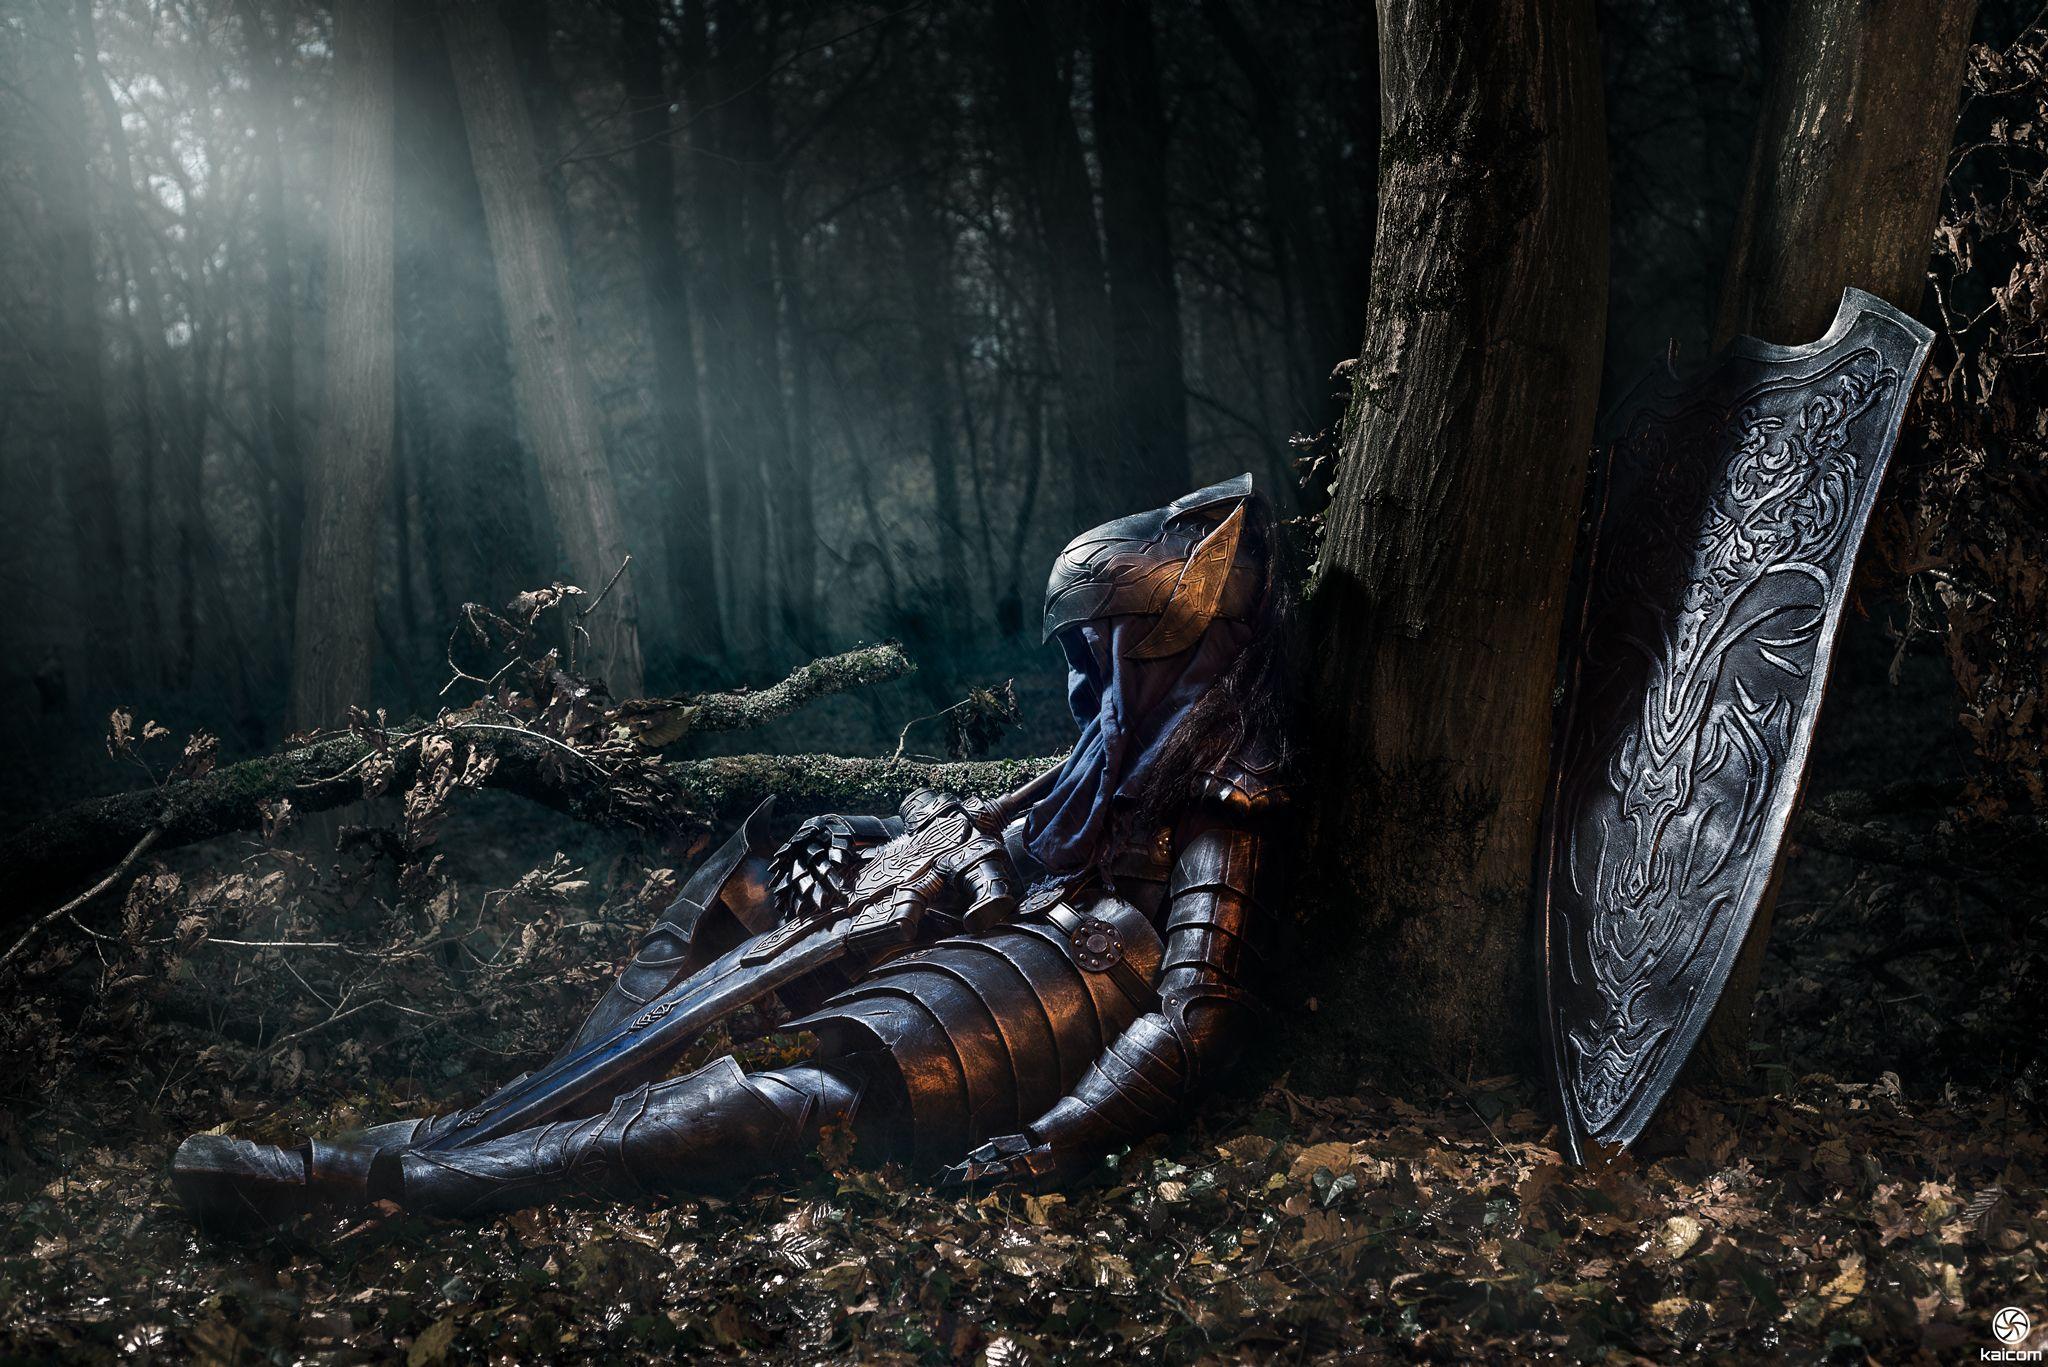 Knight Artorias Dark Souls By Kaihansen3004 Sleeping Wounded Dead Elf Fighter Knight Solider Forest Woods Shield Armor Dark Souls Dark Souls Wallpaper Knight